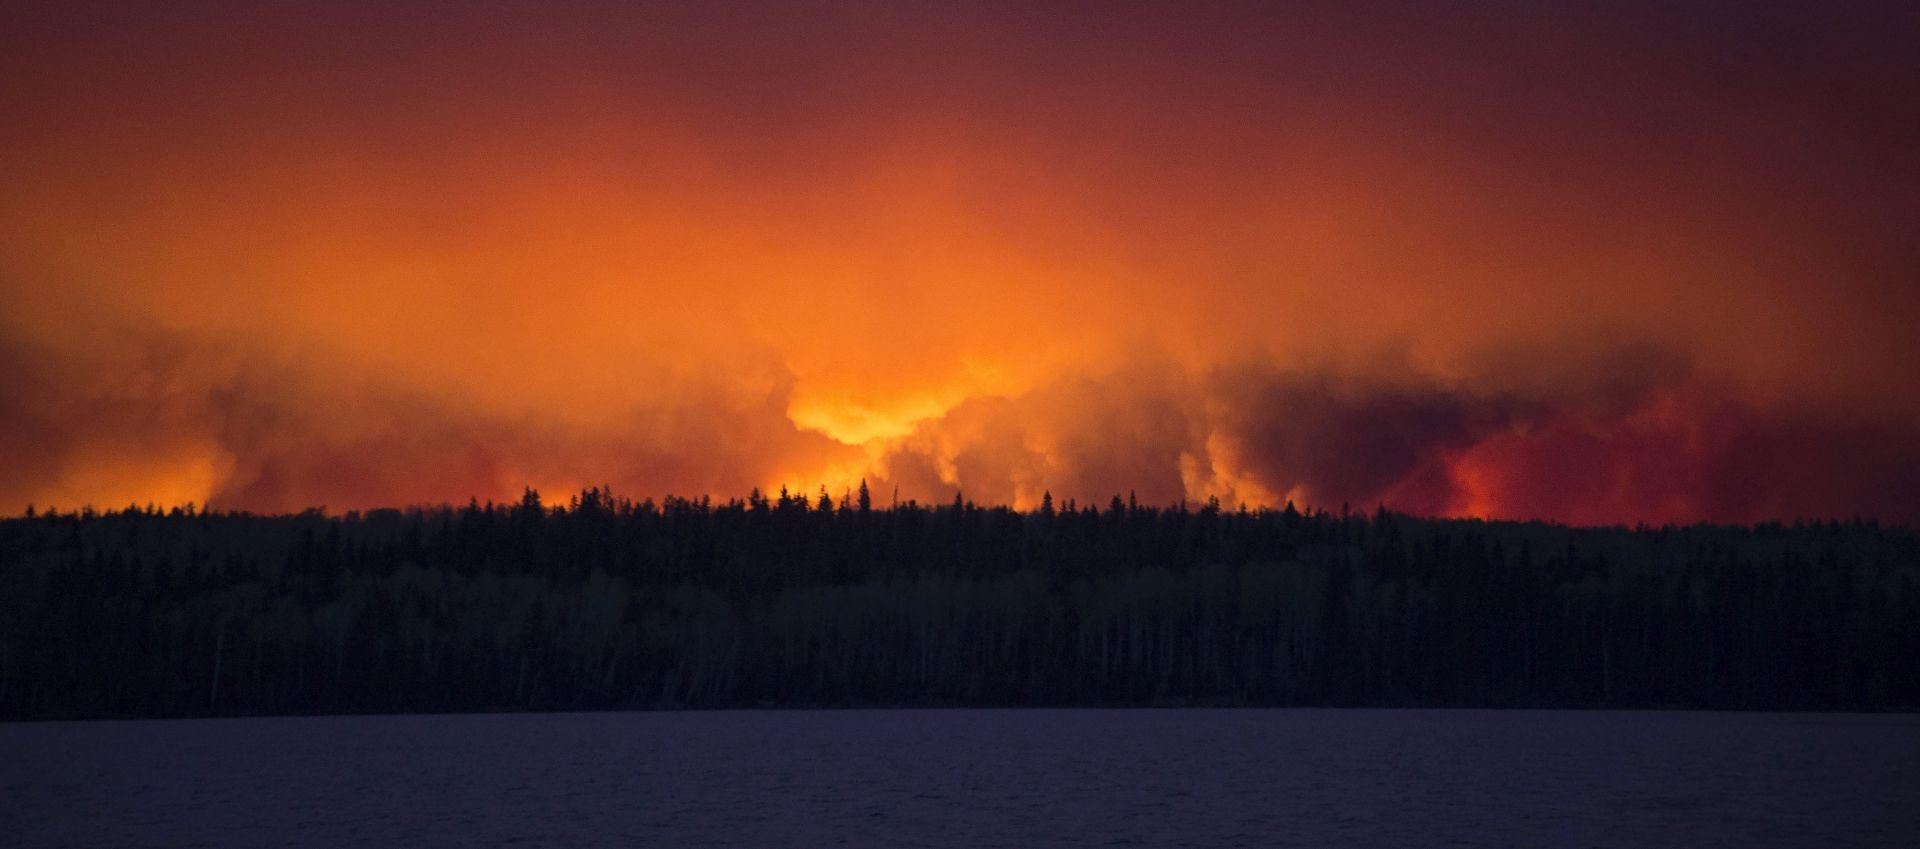 GORI PODRUČJE VEĆE OD NEW YORKA Kanadski stručnjaci: Požar bi se u sljedeća 24 sata mogao udvostručiti